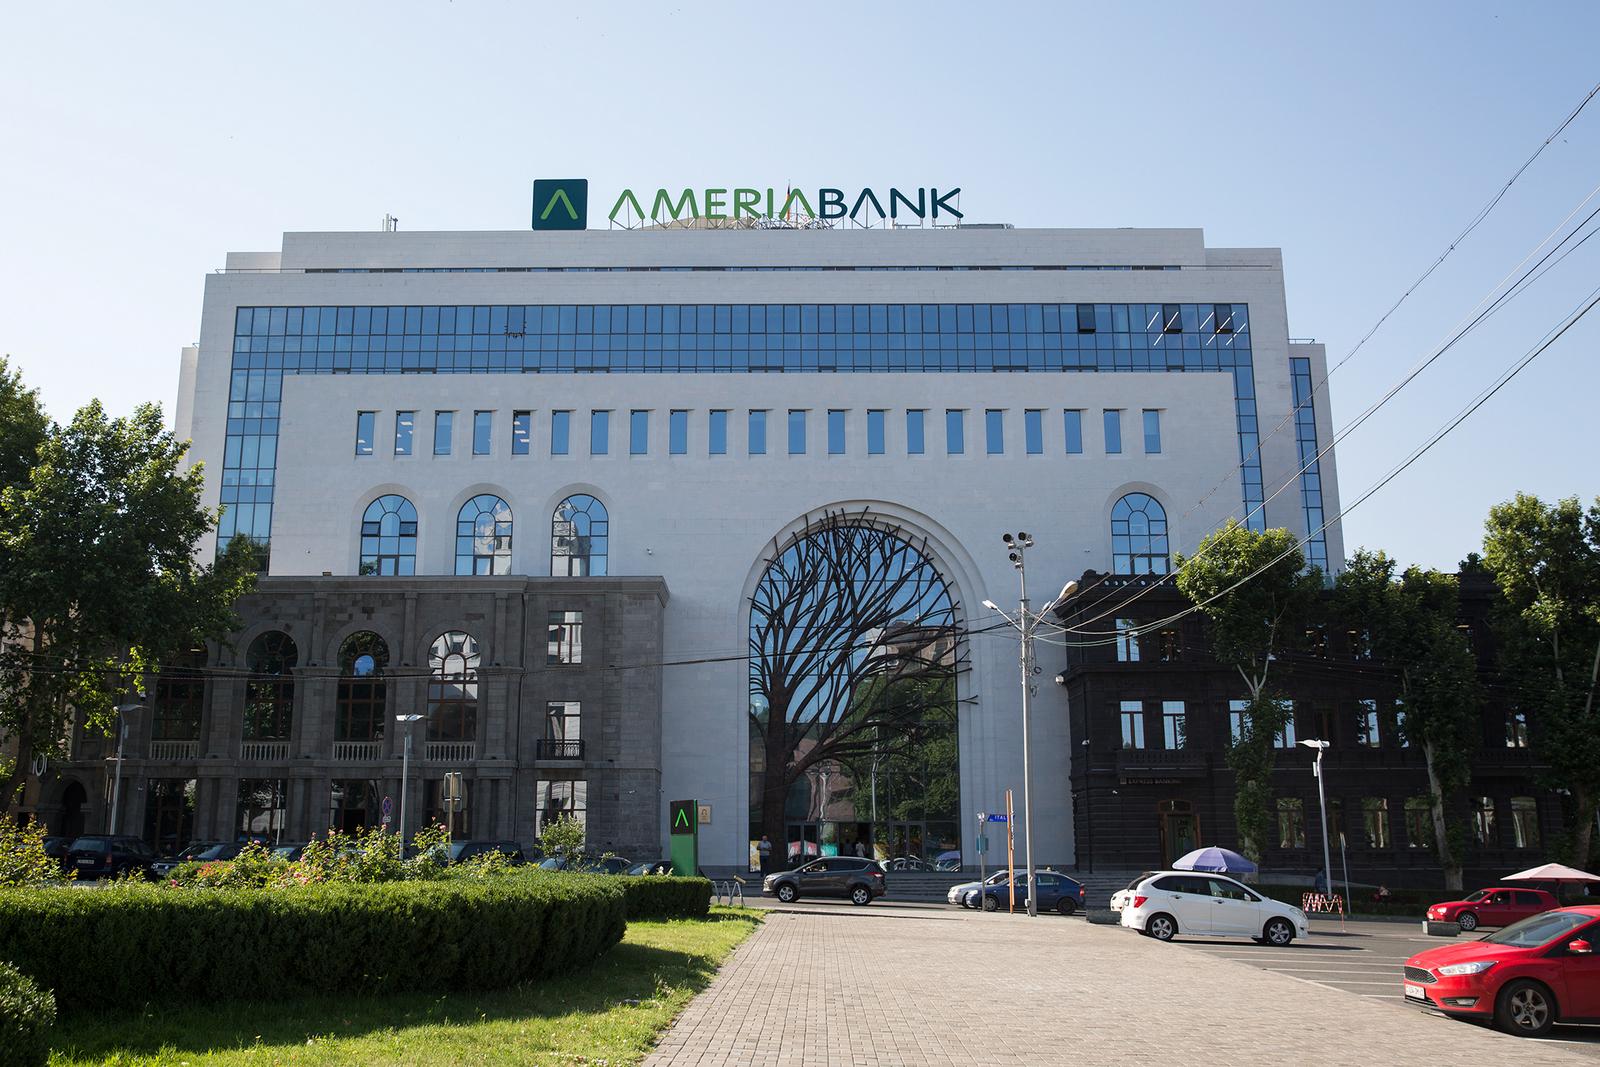 Ամերիաբանկ. 2020թ. ՀՀ լավագույն ներդրումային բանկն ըստ «Global Finance» ամսագրի